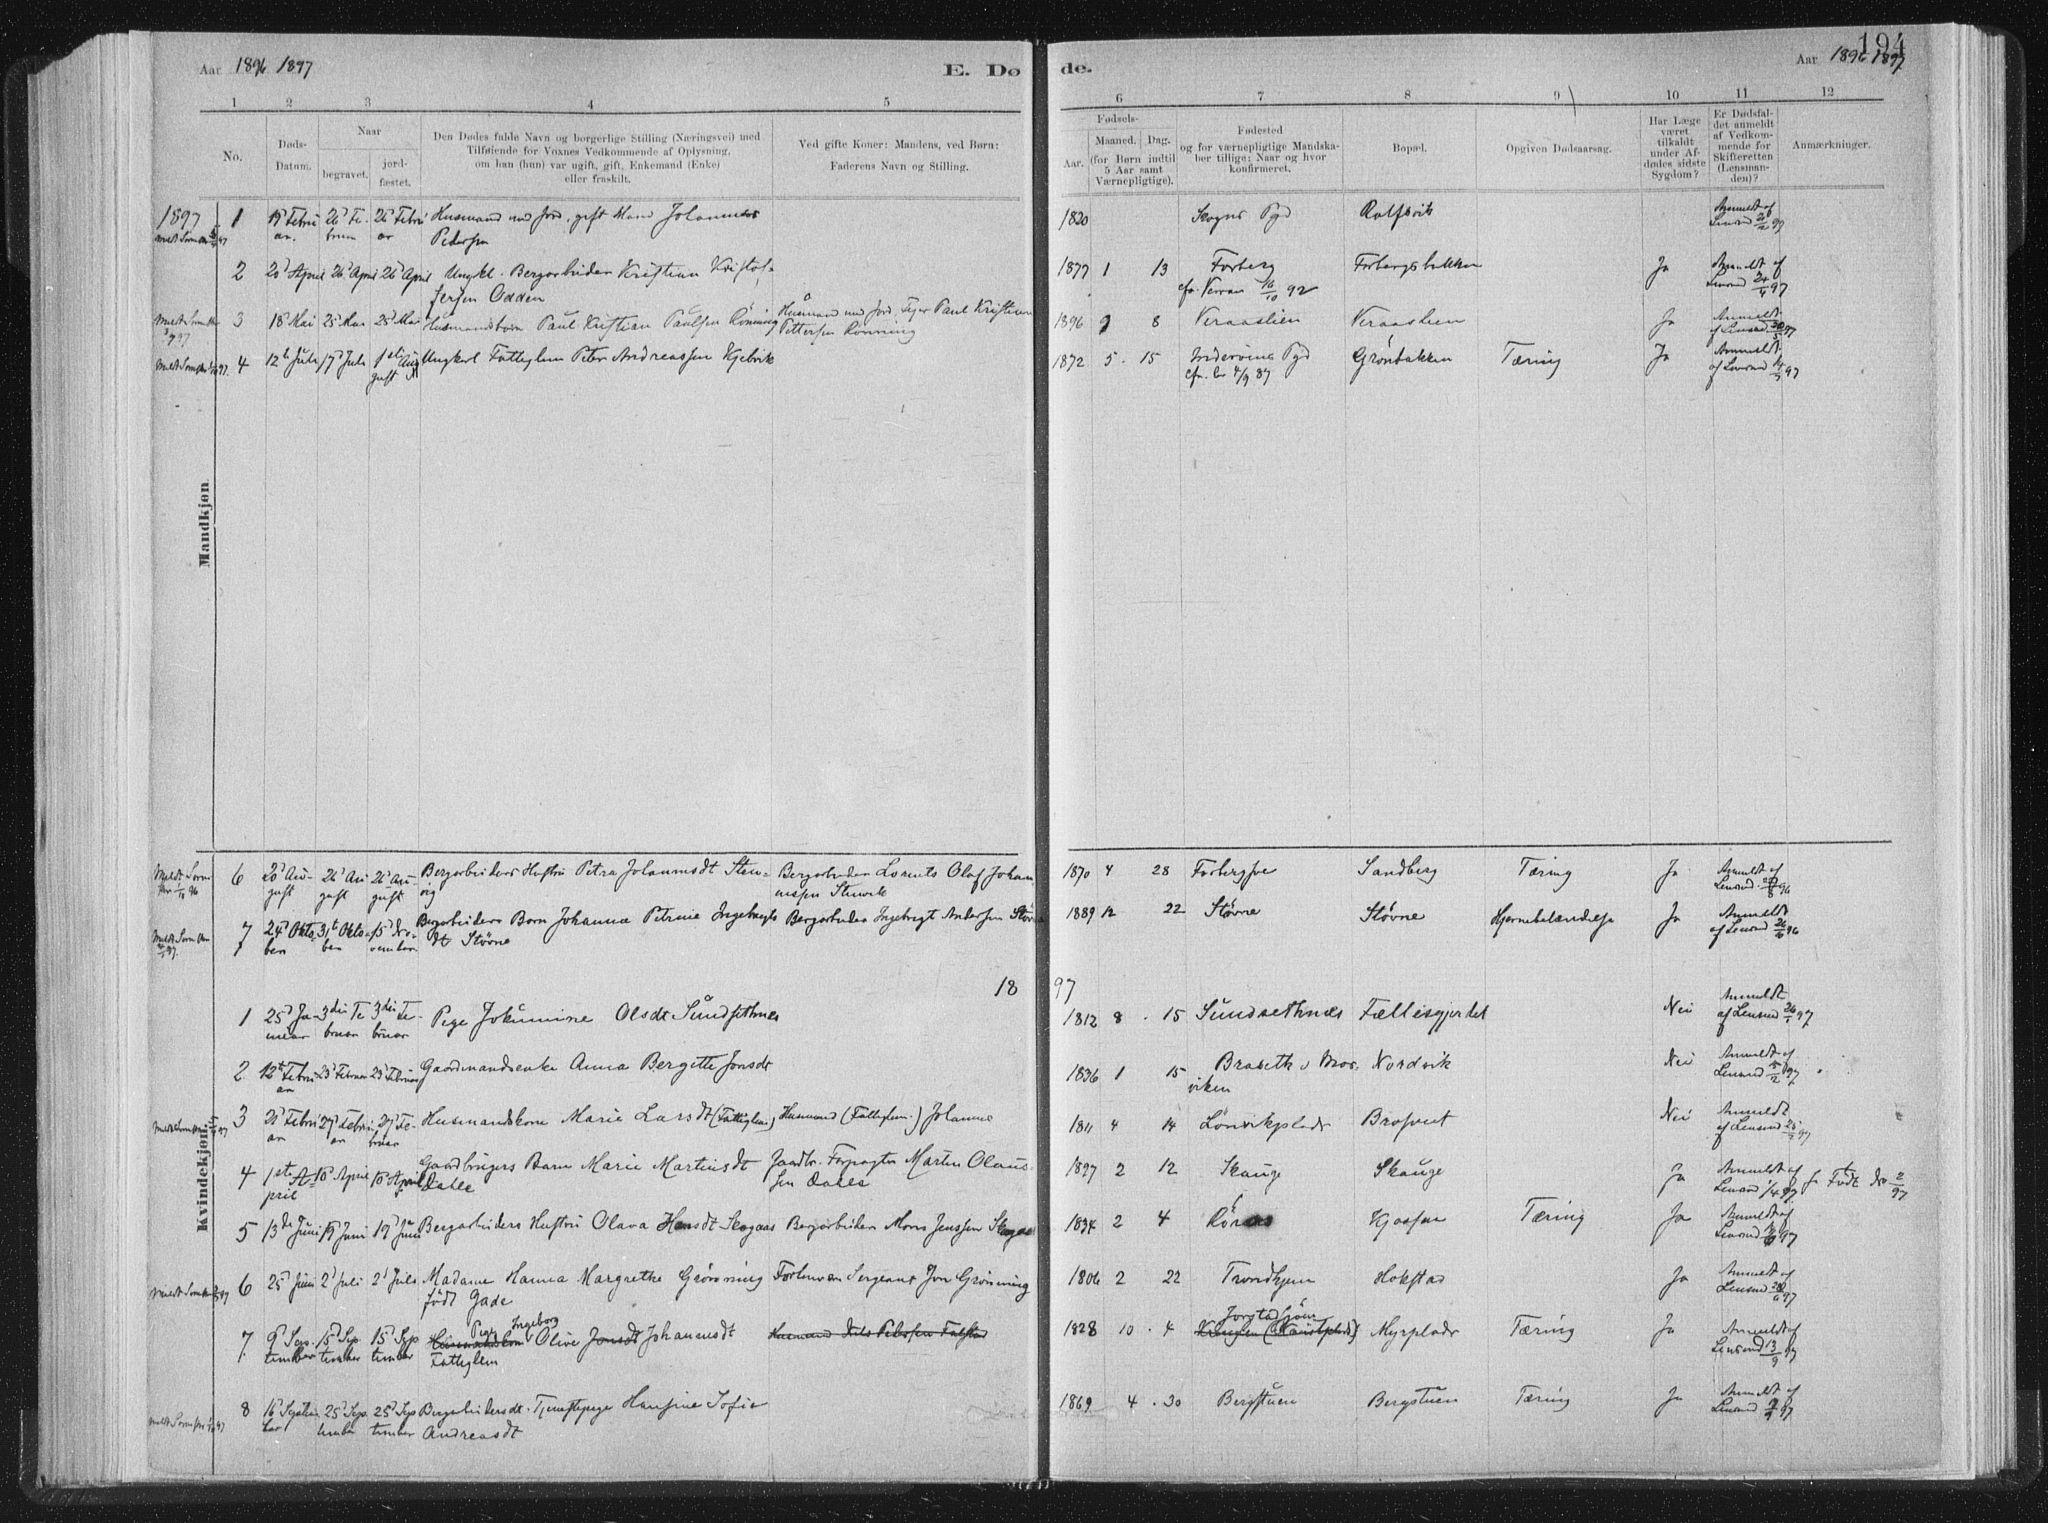 SAT, Ministerialprotokoller, klokkerbøker og fødselsregistre - Nord-Trøndelag, 722/L0220: Ministerialbok nr. 722A07, 1881-1908, s. 194